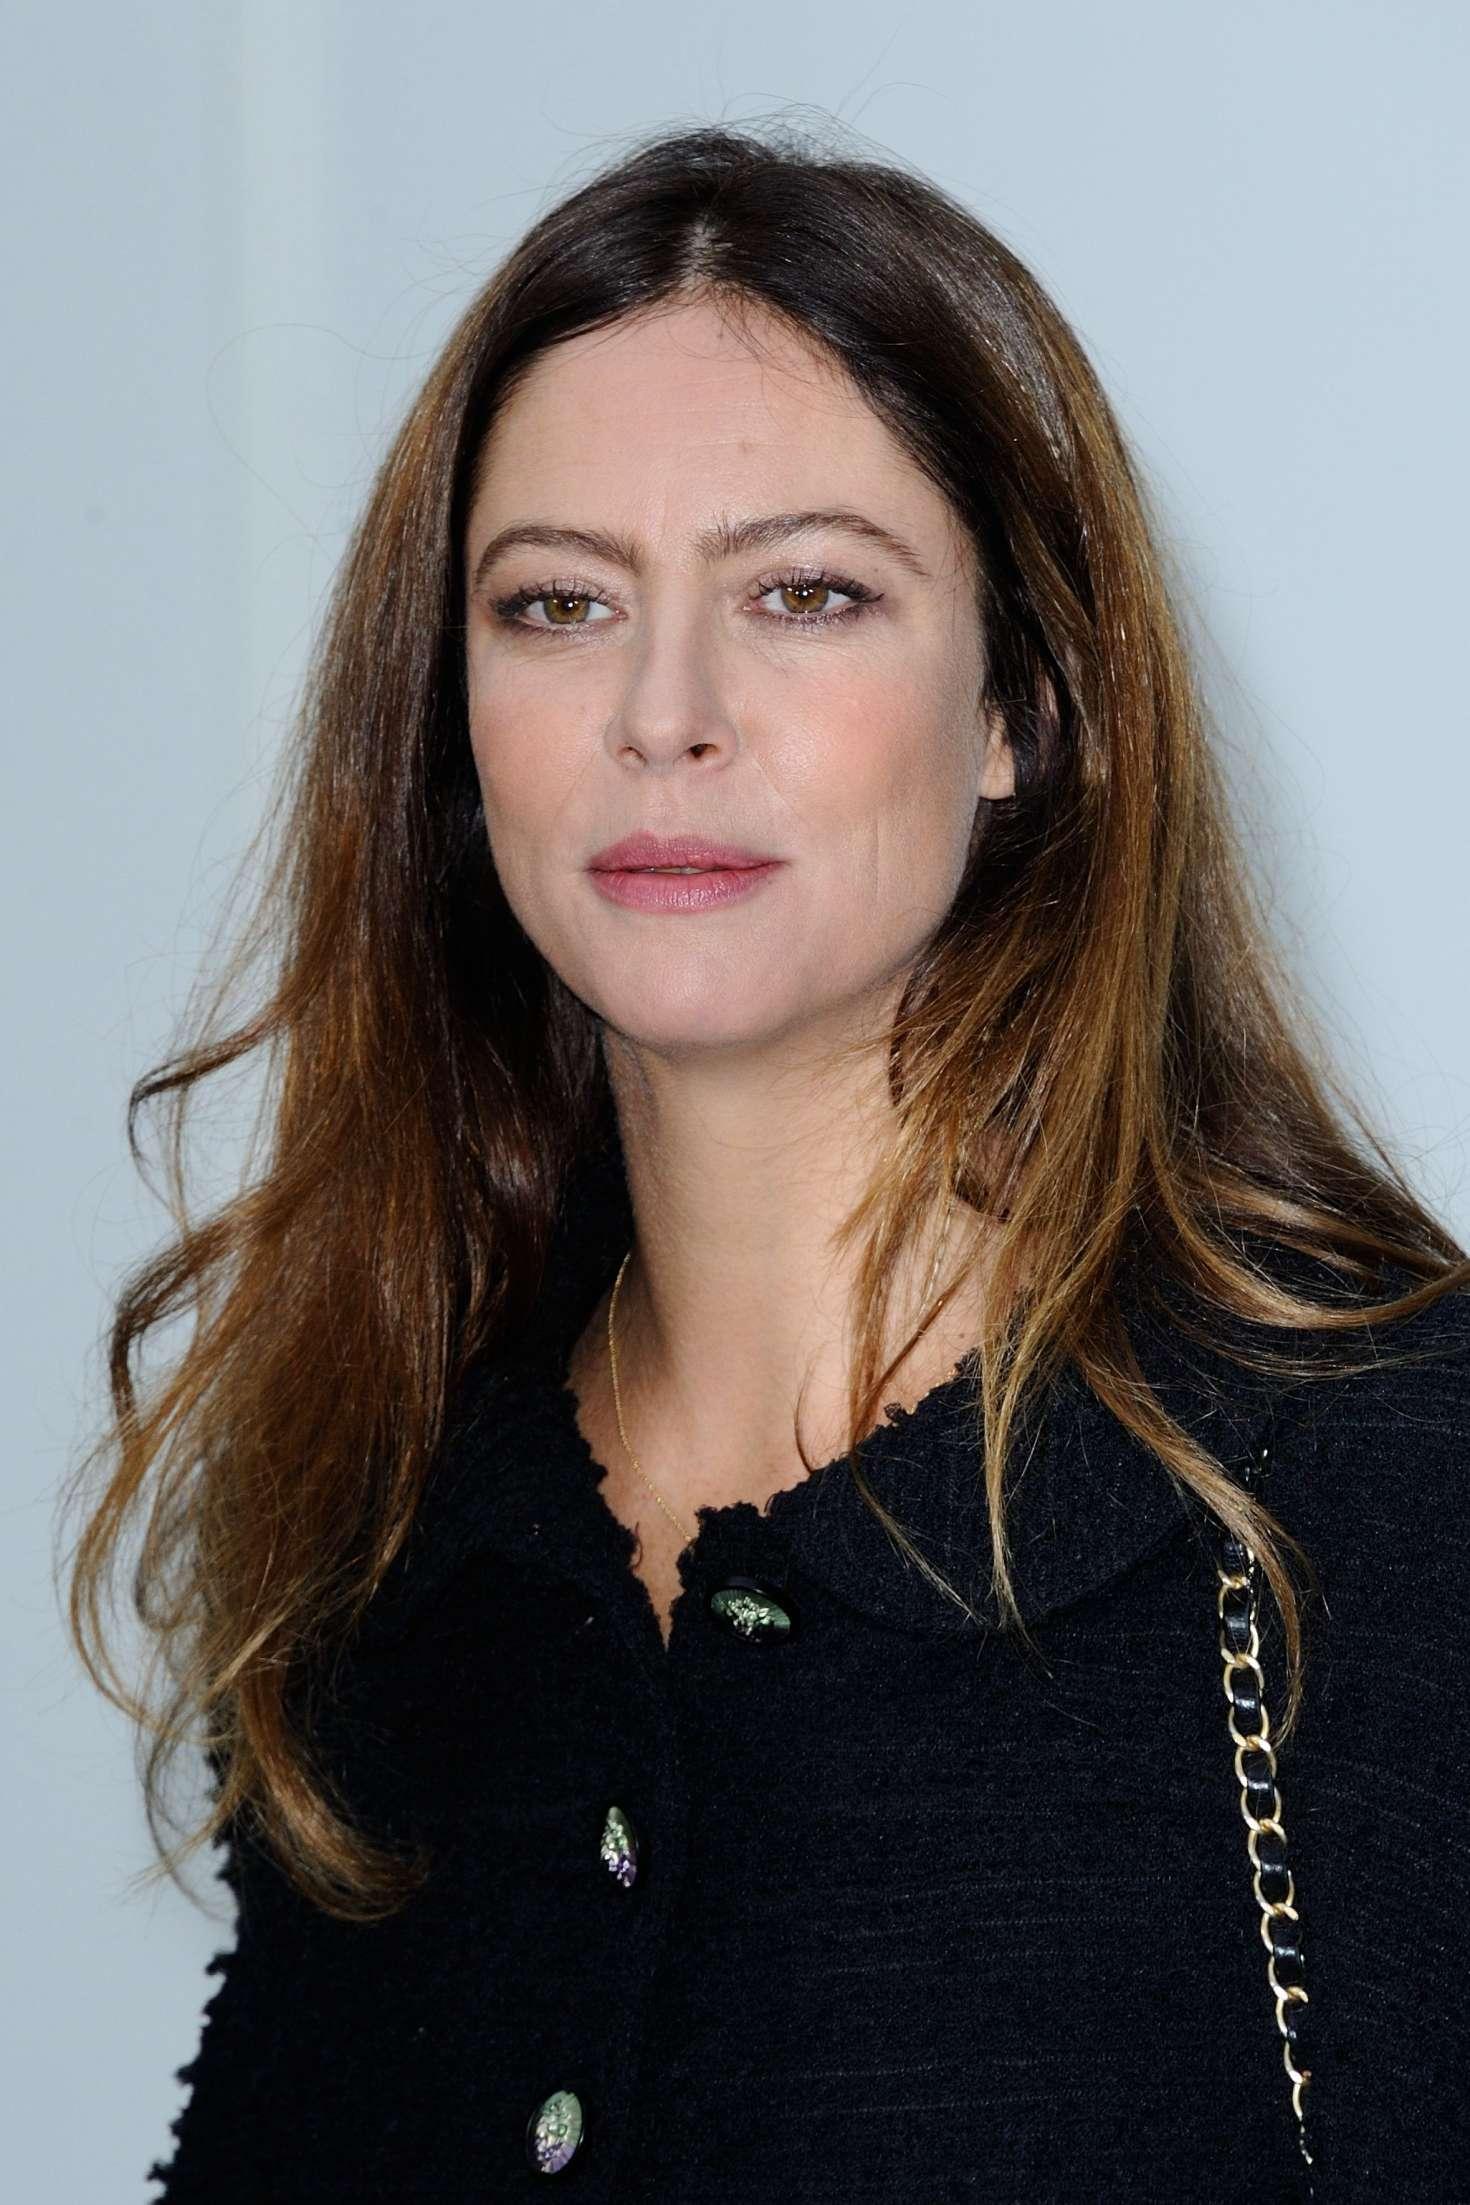 Amee Donovan